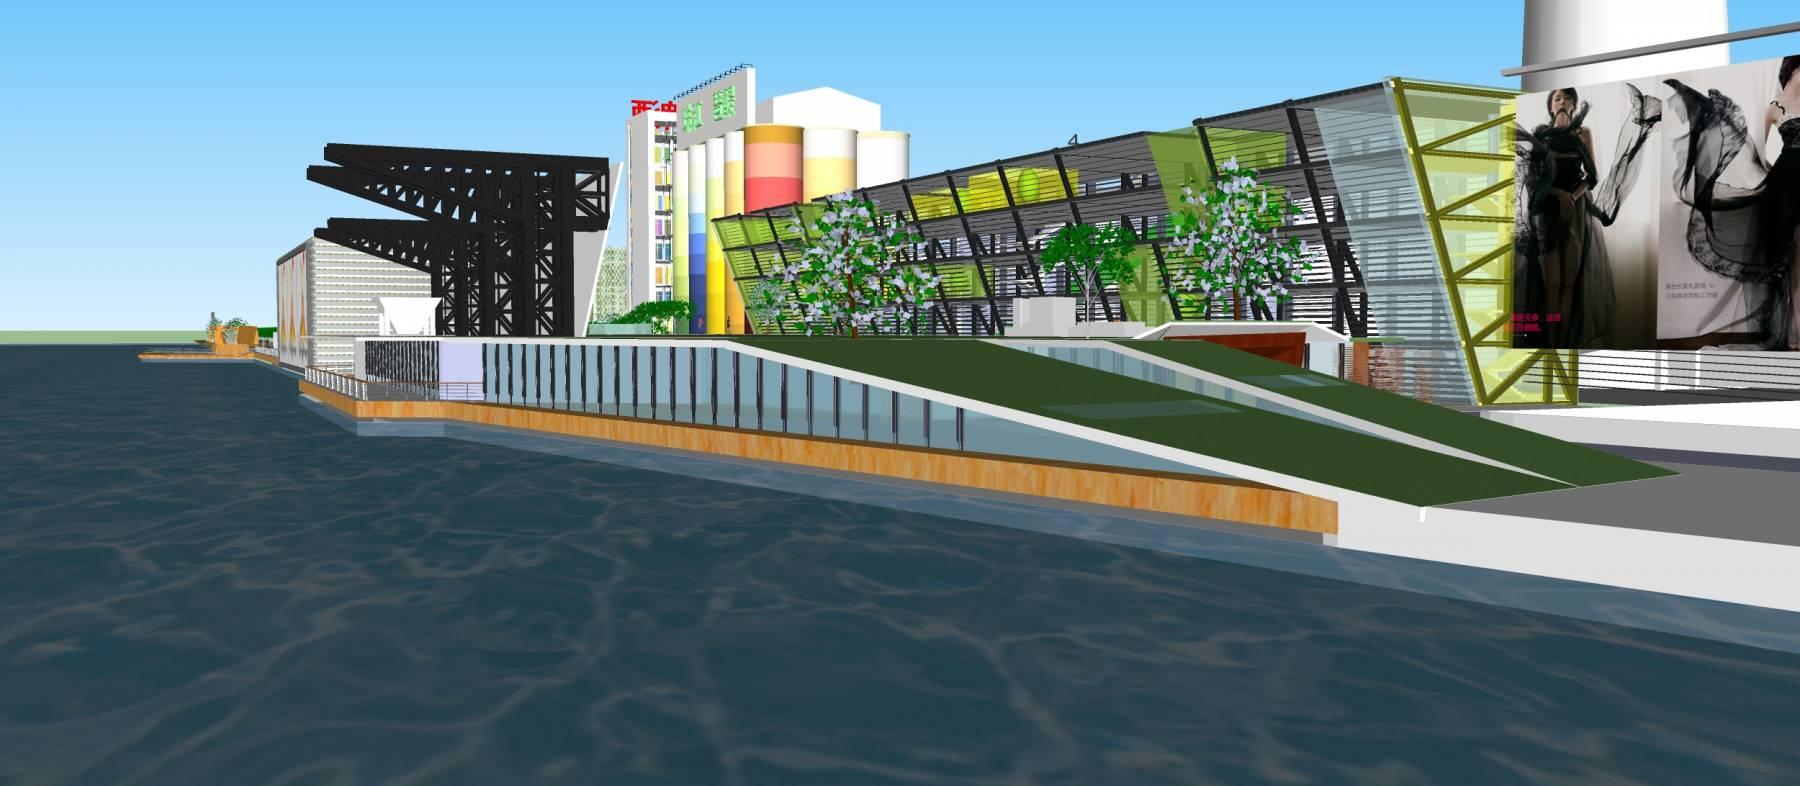 珠江沿岸改造